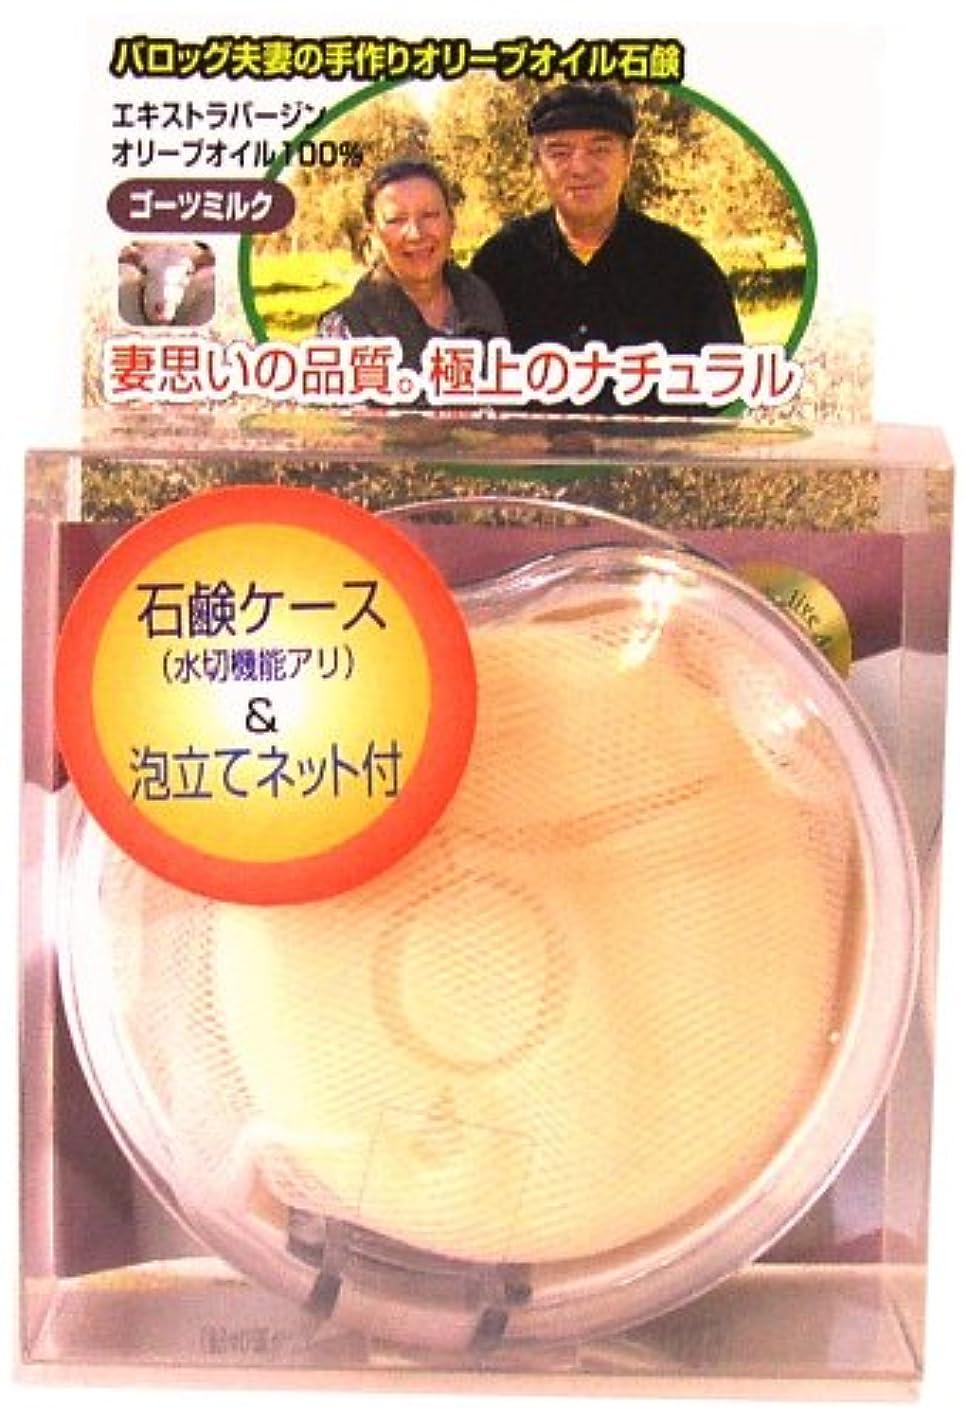 バロッグ夫婦の手作りオリーブオイル石鹸 ミニ石鹸ケース付(ゴーツミルク) 20g